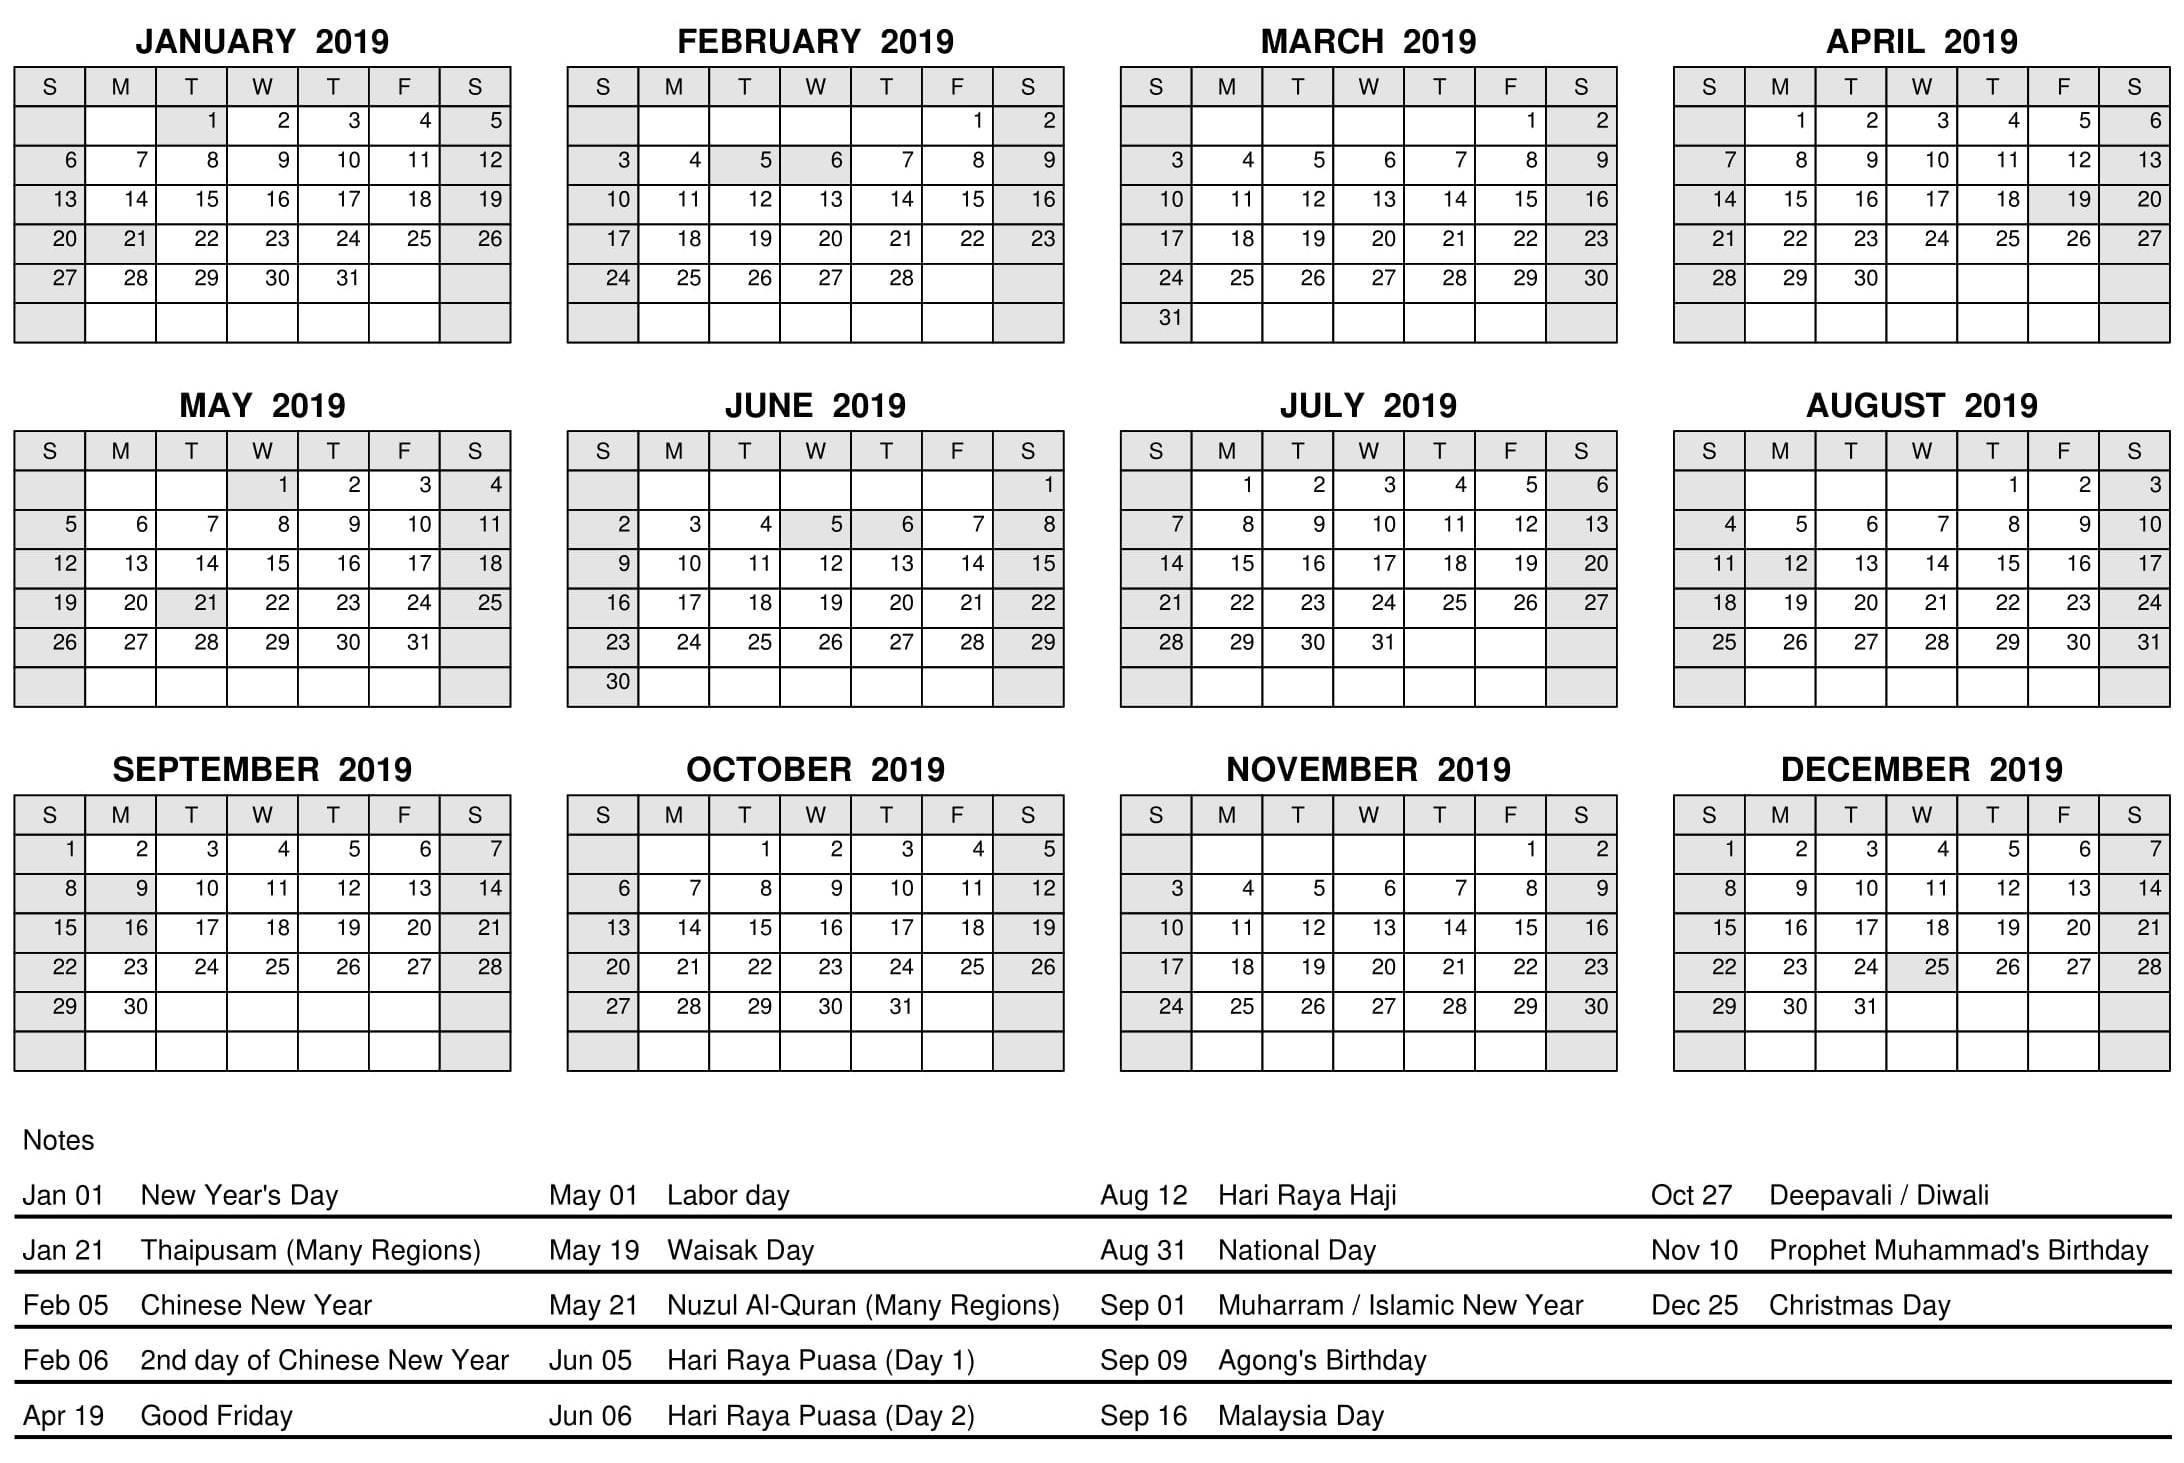 March 2019 Calendar Lala Ramswaroop Más Recientemente Liberado Calendar for 2019 Malaysia Of March 2019 Calendar Lala Ramswaroop Más Caliente News Flash Connected with Lala Ramswaroop Calendar 2019 Download Pdf